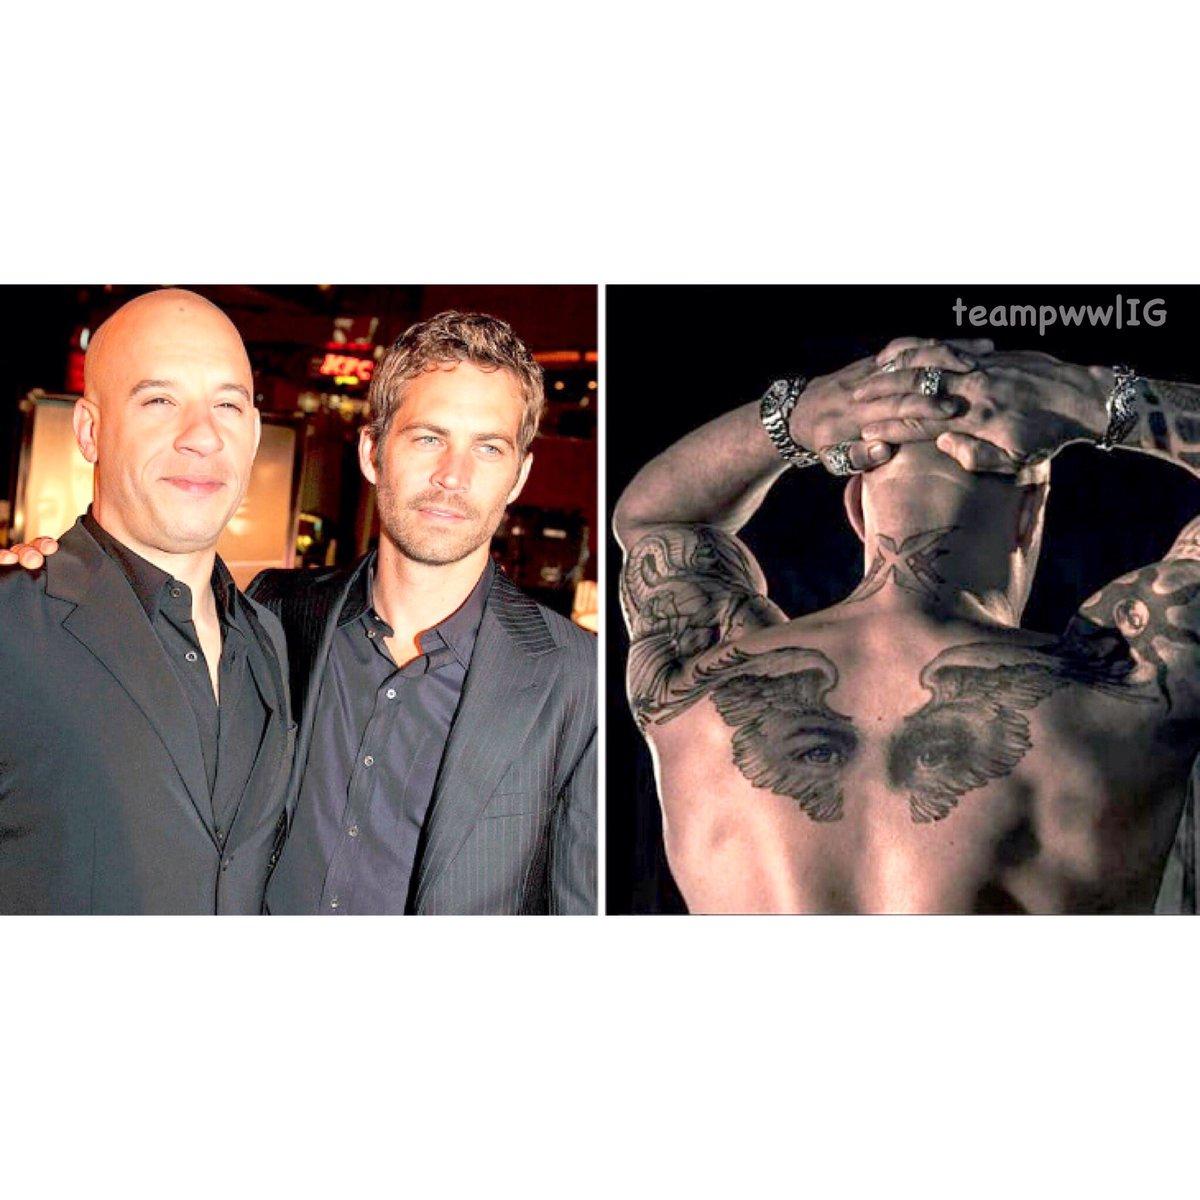 Paul Walker Brazil On Twitter Mcm Tattoo Tribute For Paul By